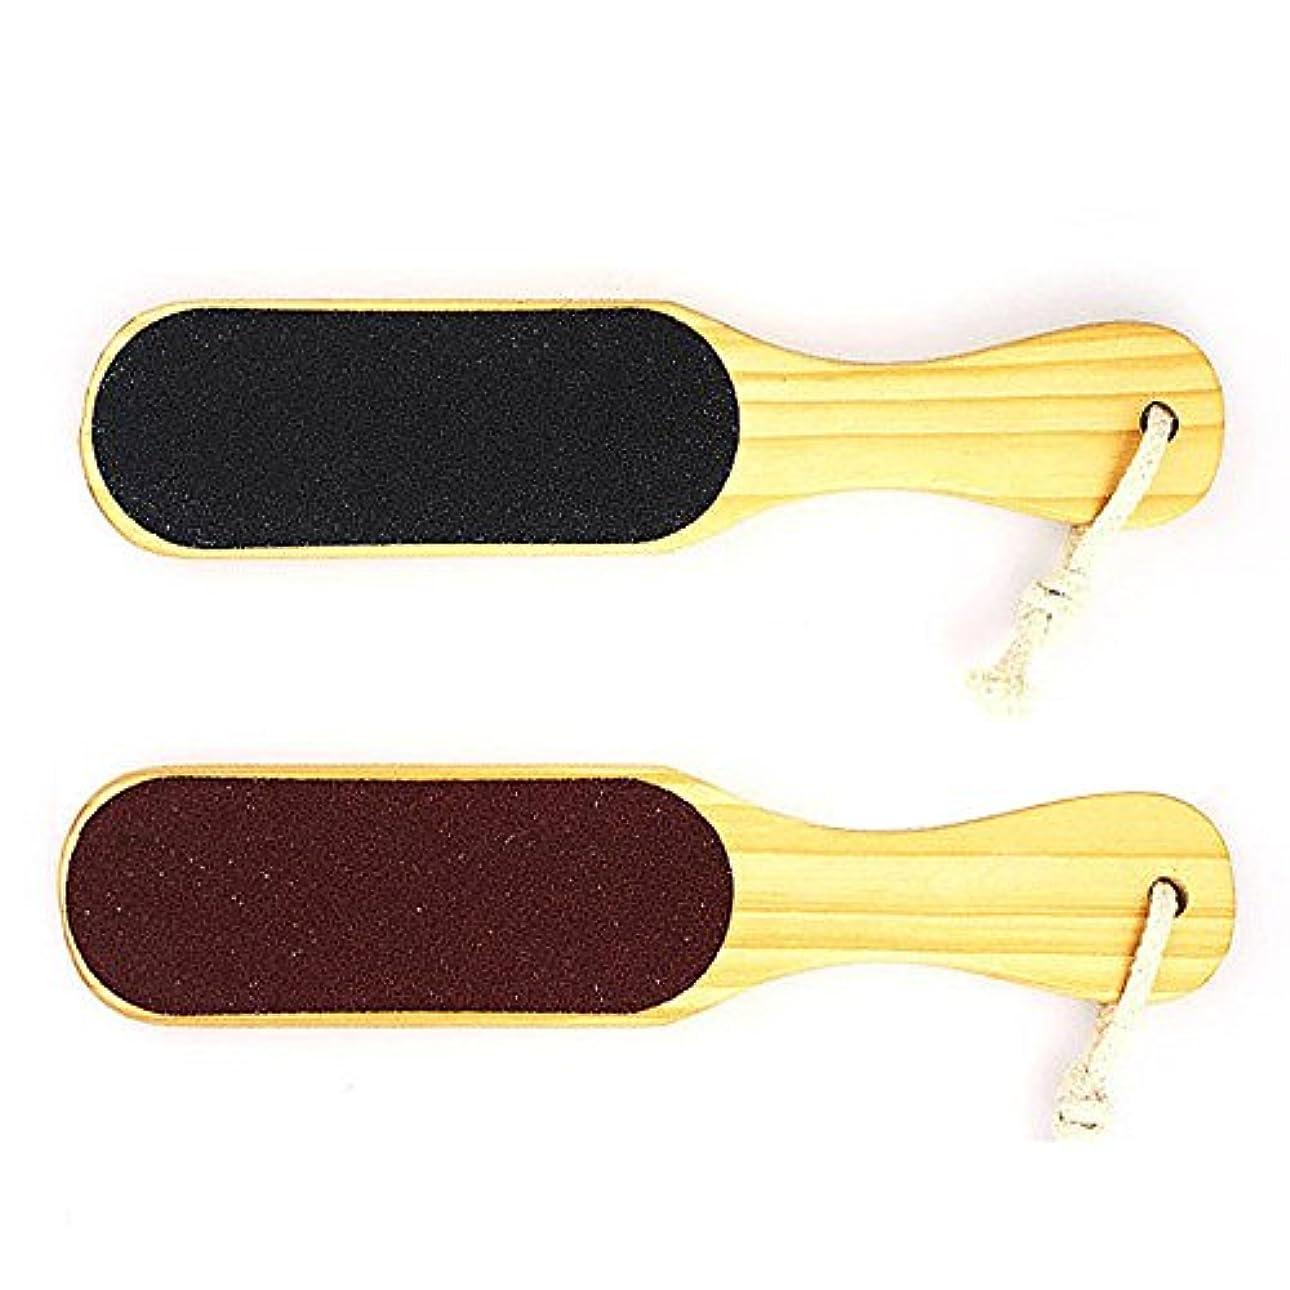 閃光疎外する不機嫌そうなFinlon 多機能 ツインヘッド角質取り器 足裏 角質除去 かかと 角質ケア かかとケア 足ケア 両面サンドペーパー かかとやすり フット用品